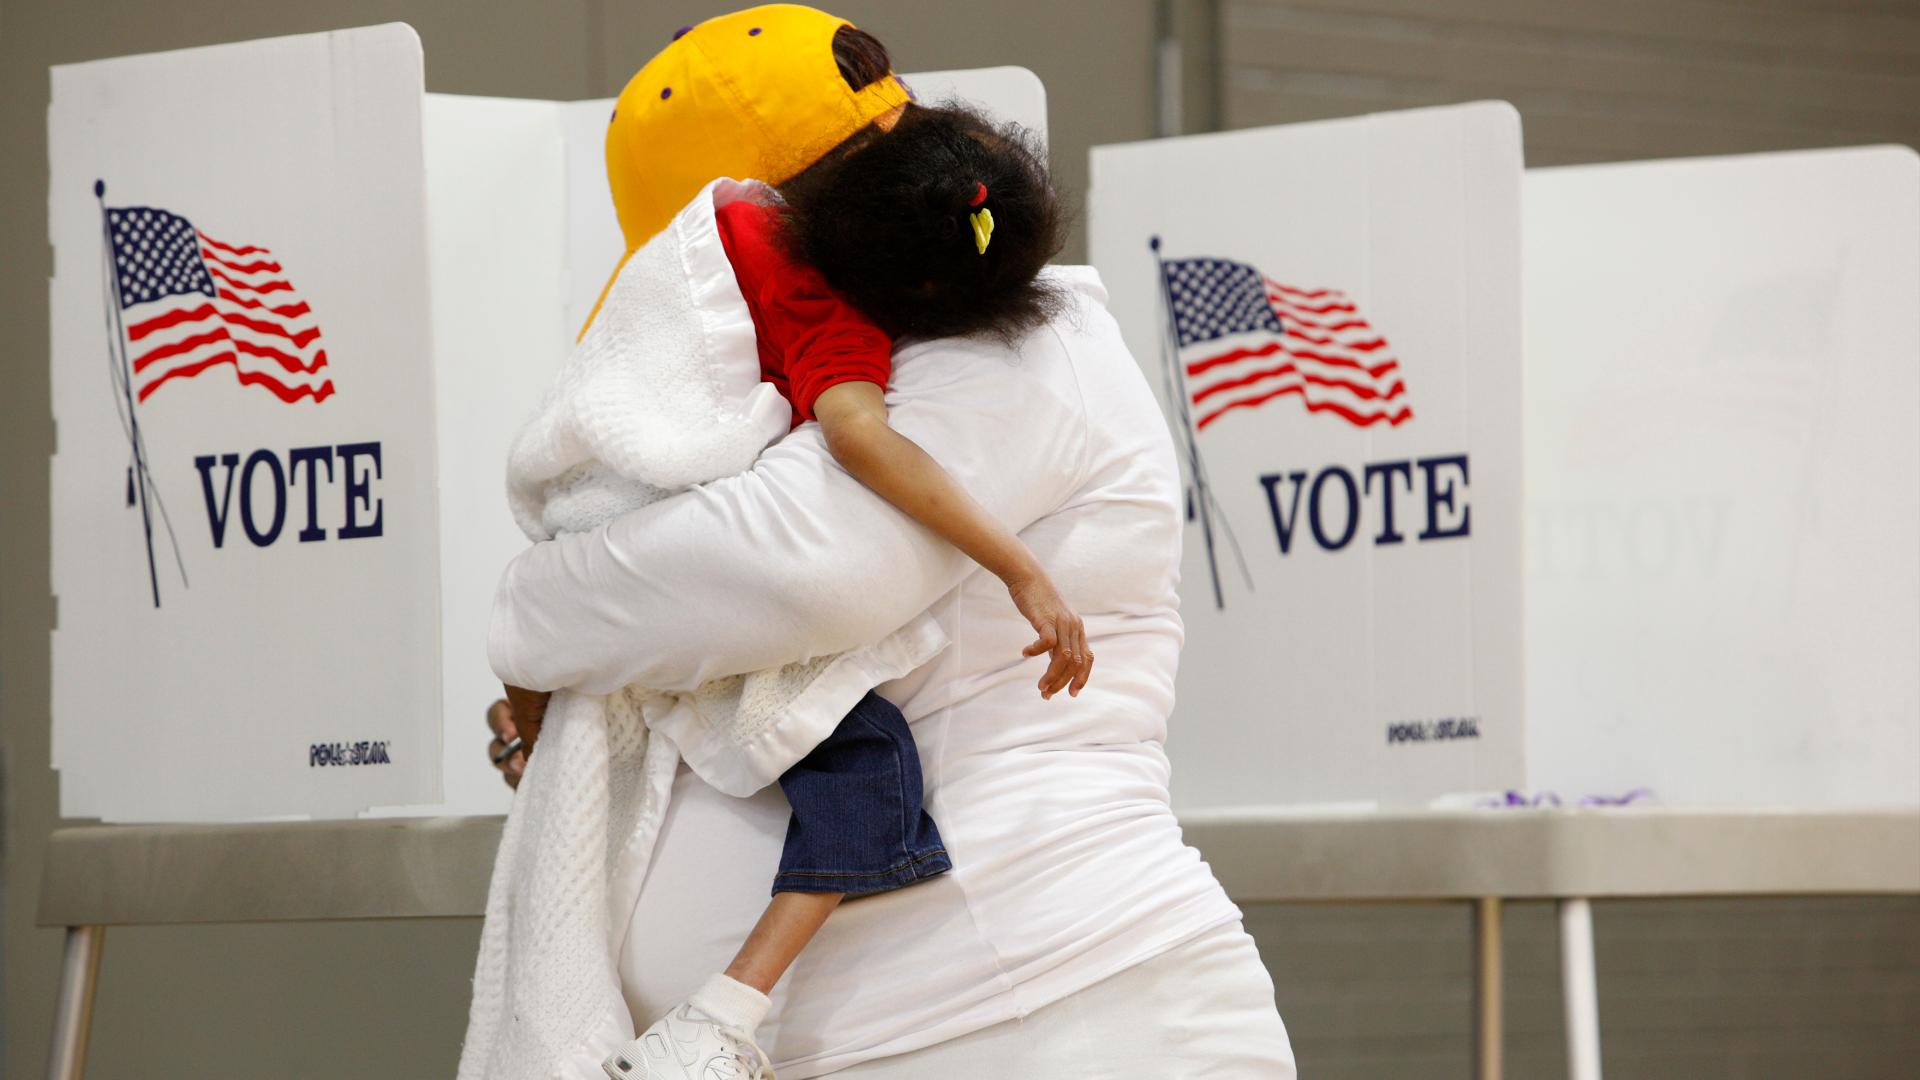 Com a filha no colo, mulher vota na eleição presidencial dos EUA, em 2016